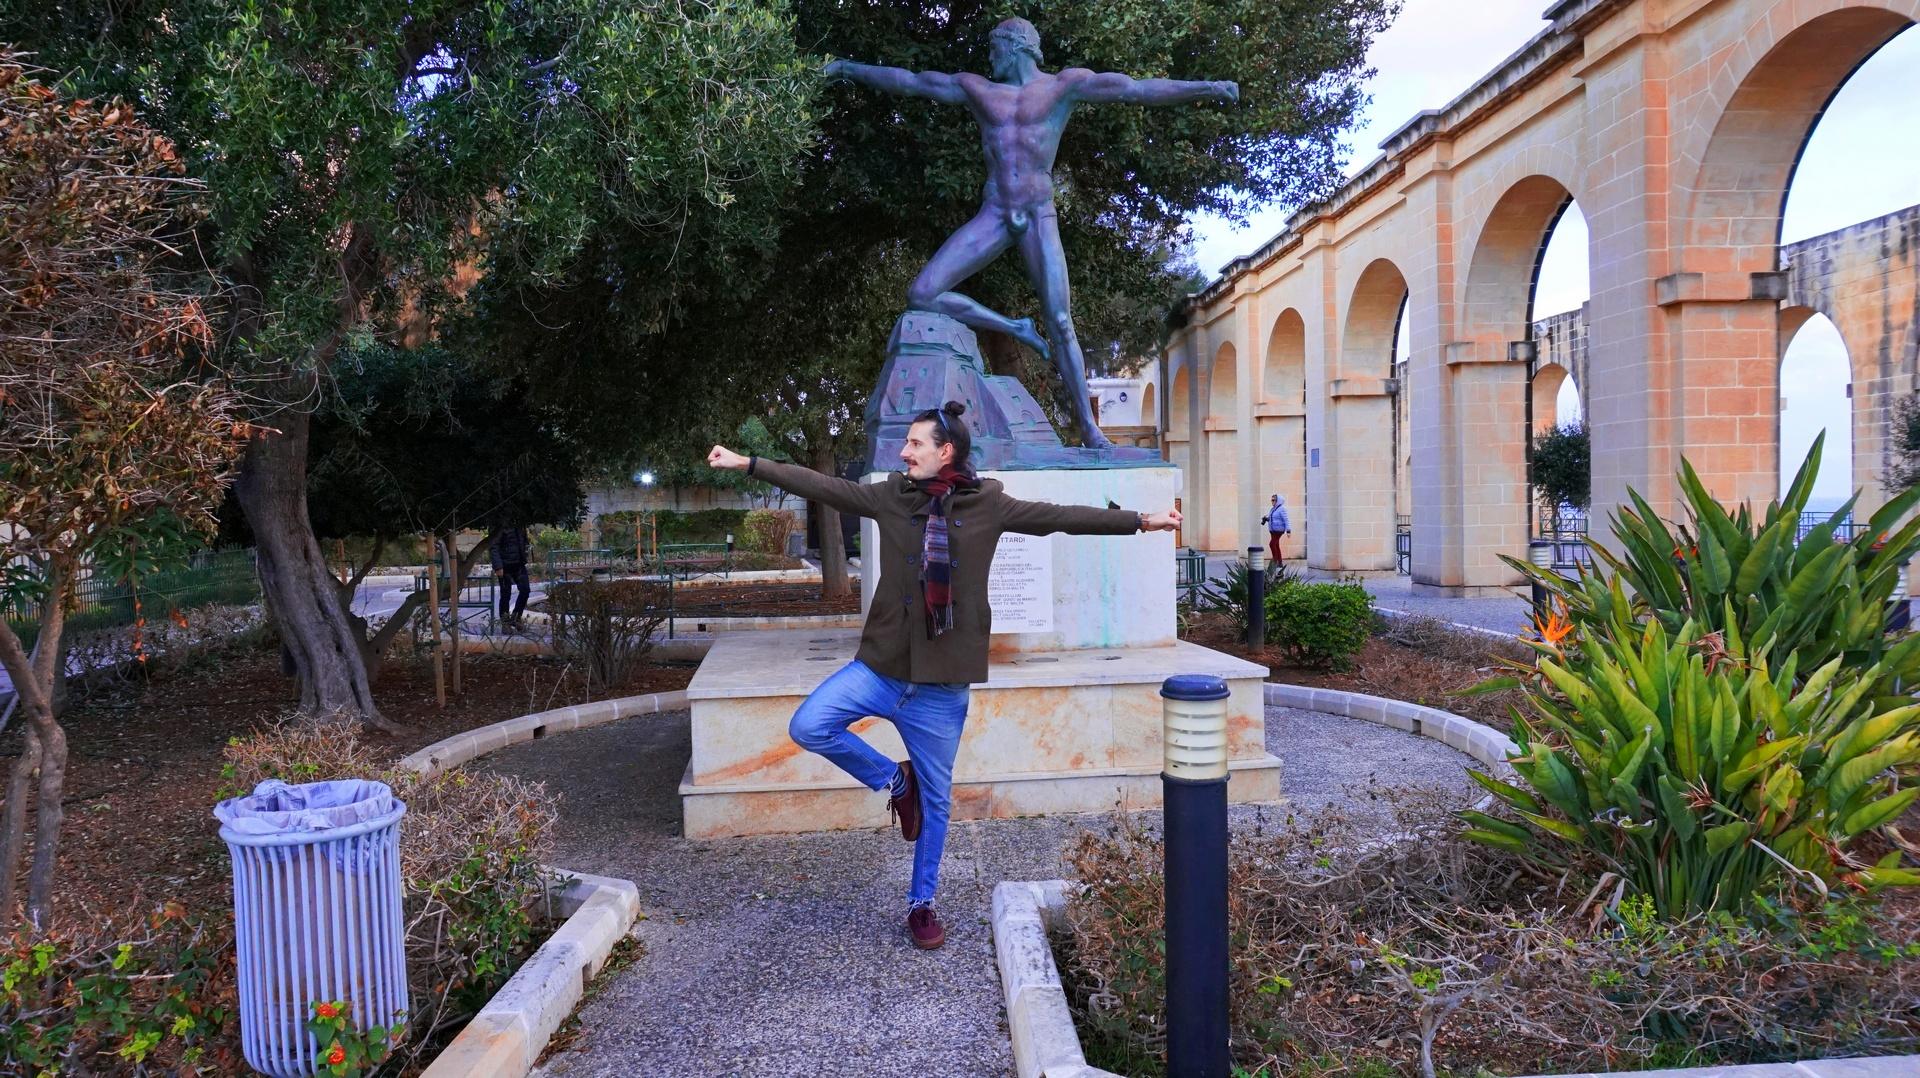 Przemek przybiera pozę posągu w stolicy Malty Valletcie, | Sway the way